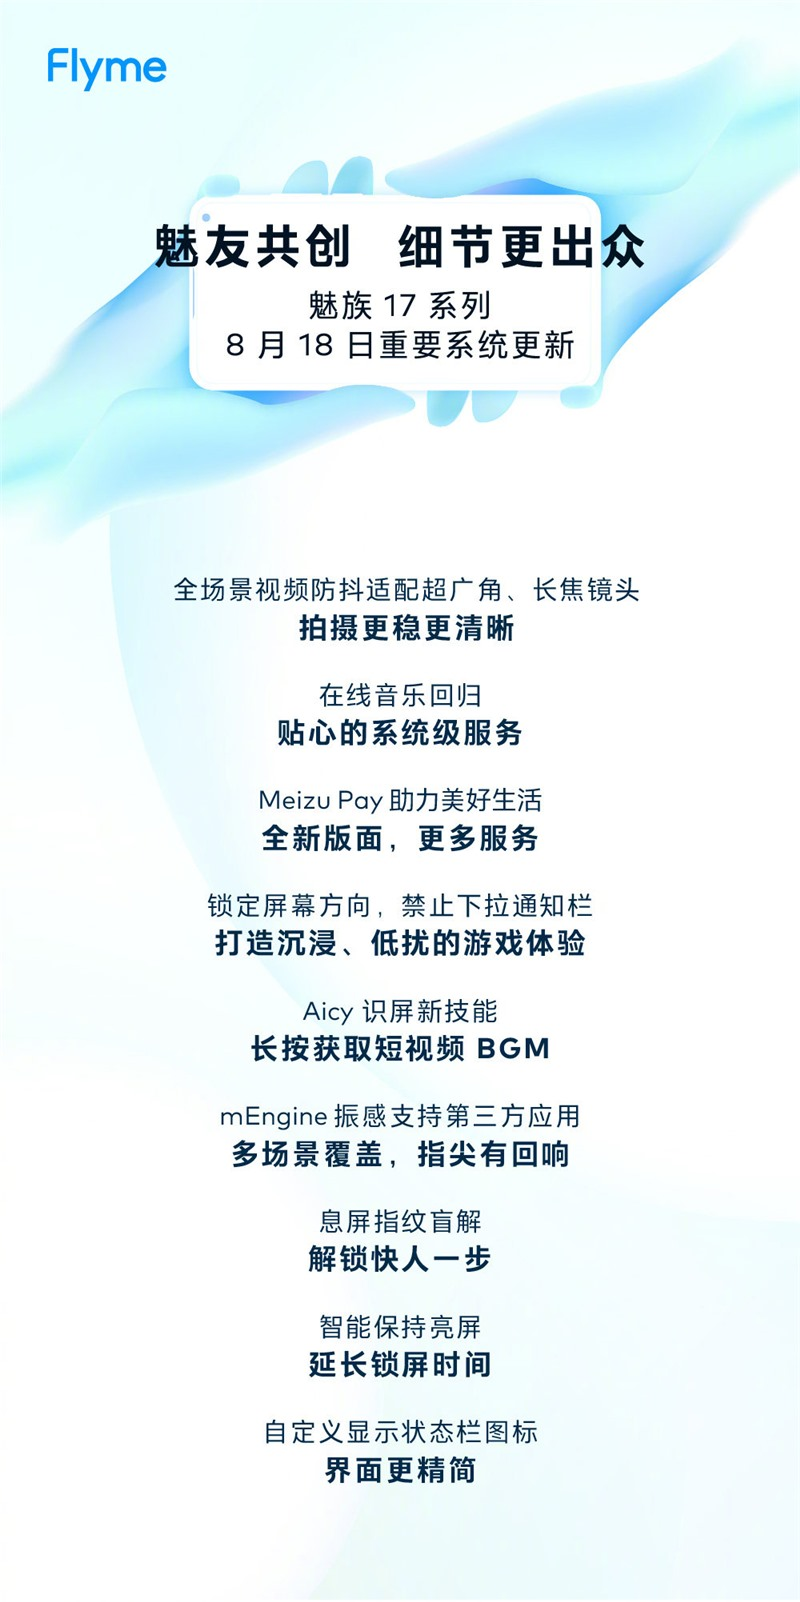 """万物皆可 OTA!魅族手机 17 系列产品 Flyme""""关键升级""""宣布消息推送"""